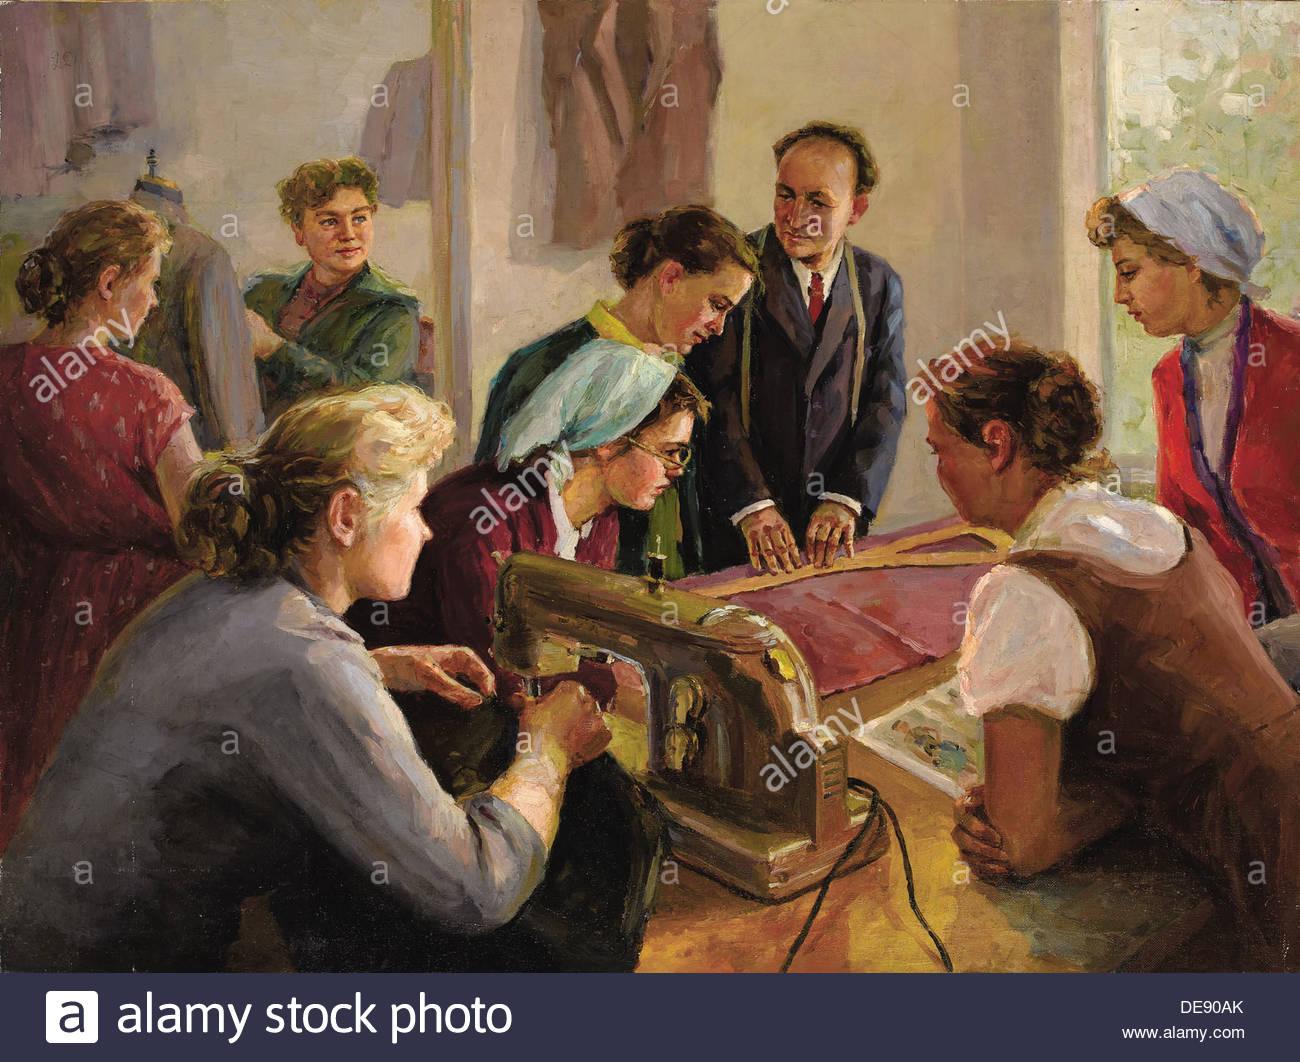 La lezione di cucitura, 1960. Artista: Bogdanov, Valentin Alexandrovich (1919-1985) Immagini Stock